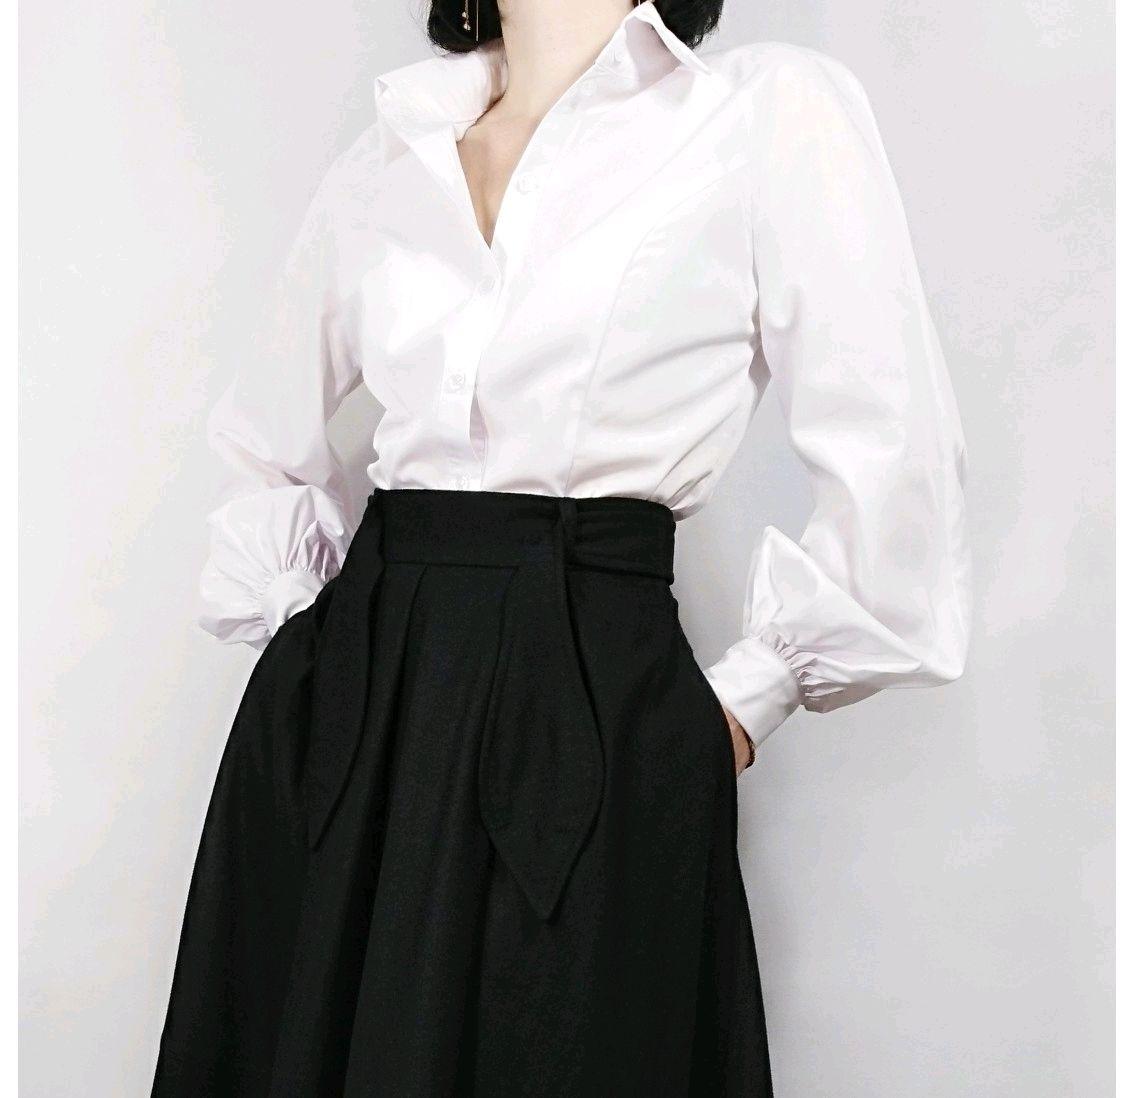 8a22c2362ca Блузки ручной работы. Ярмарка Мастеров - ручная работа. Купить Белая блузка  с пышными рукавами ...